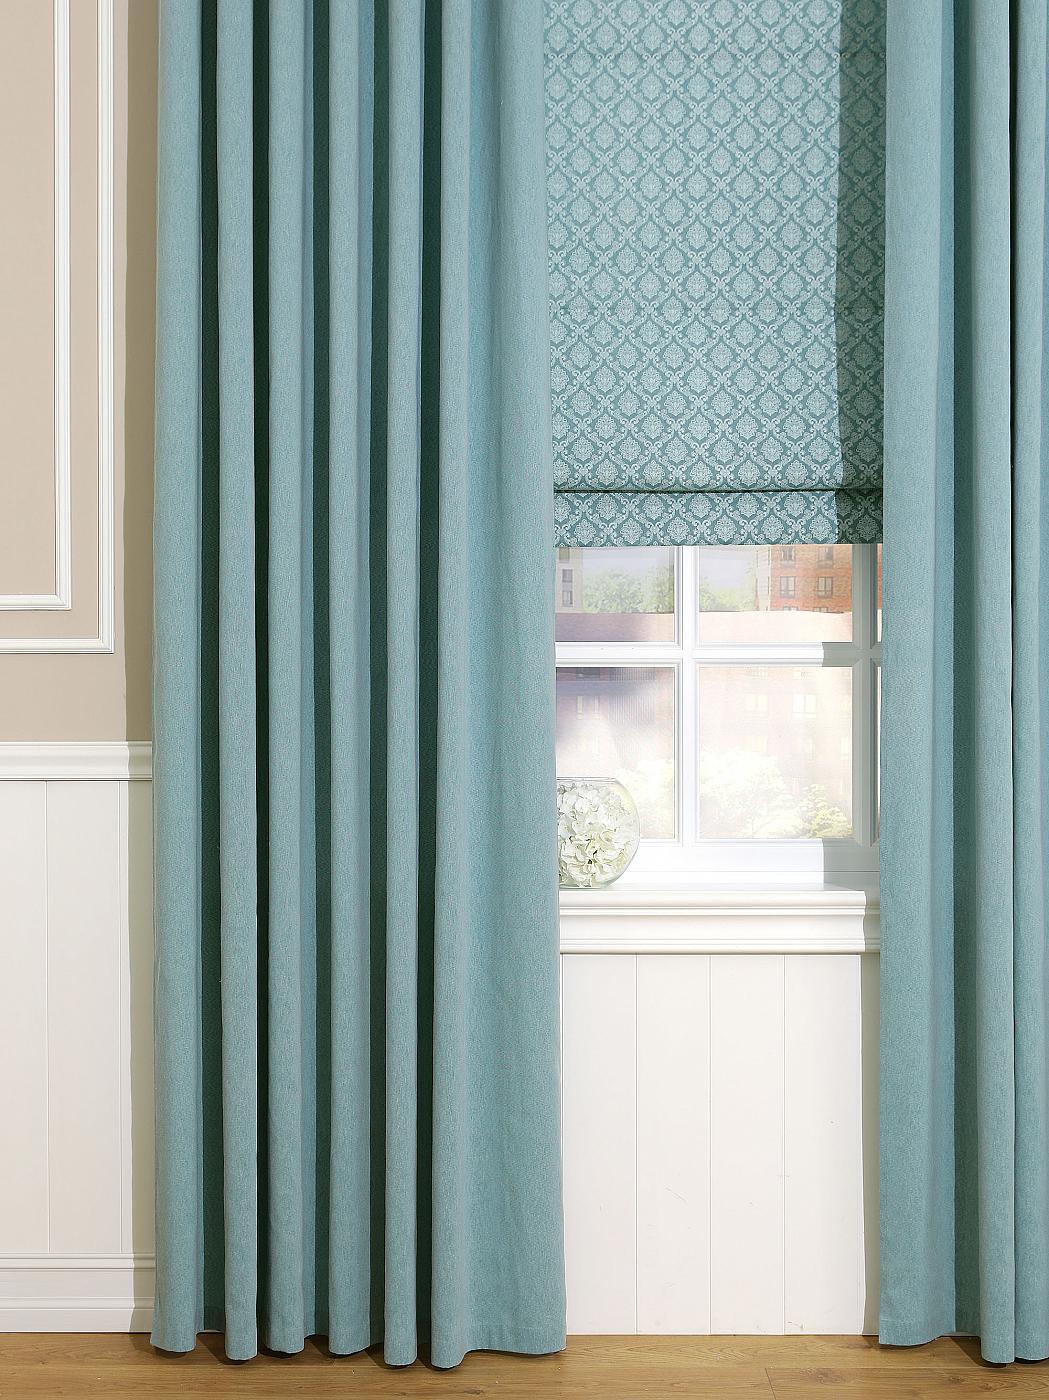 Штора Томдом Рамбус, бирюзовый шторы томдом классические шторы хайм цвет бежевый